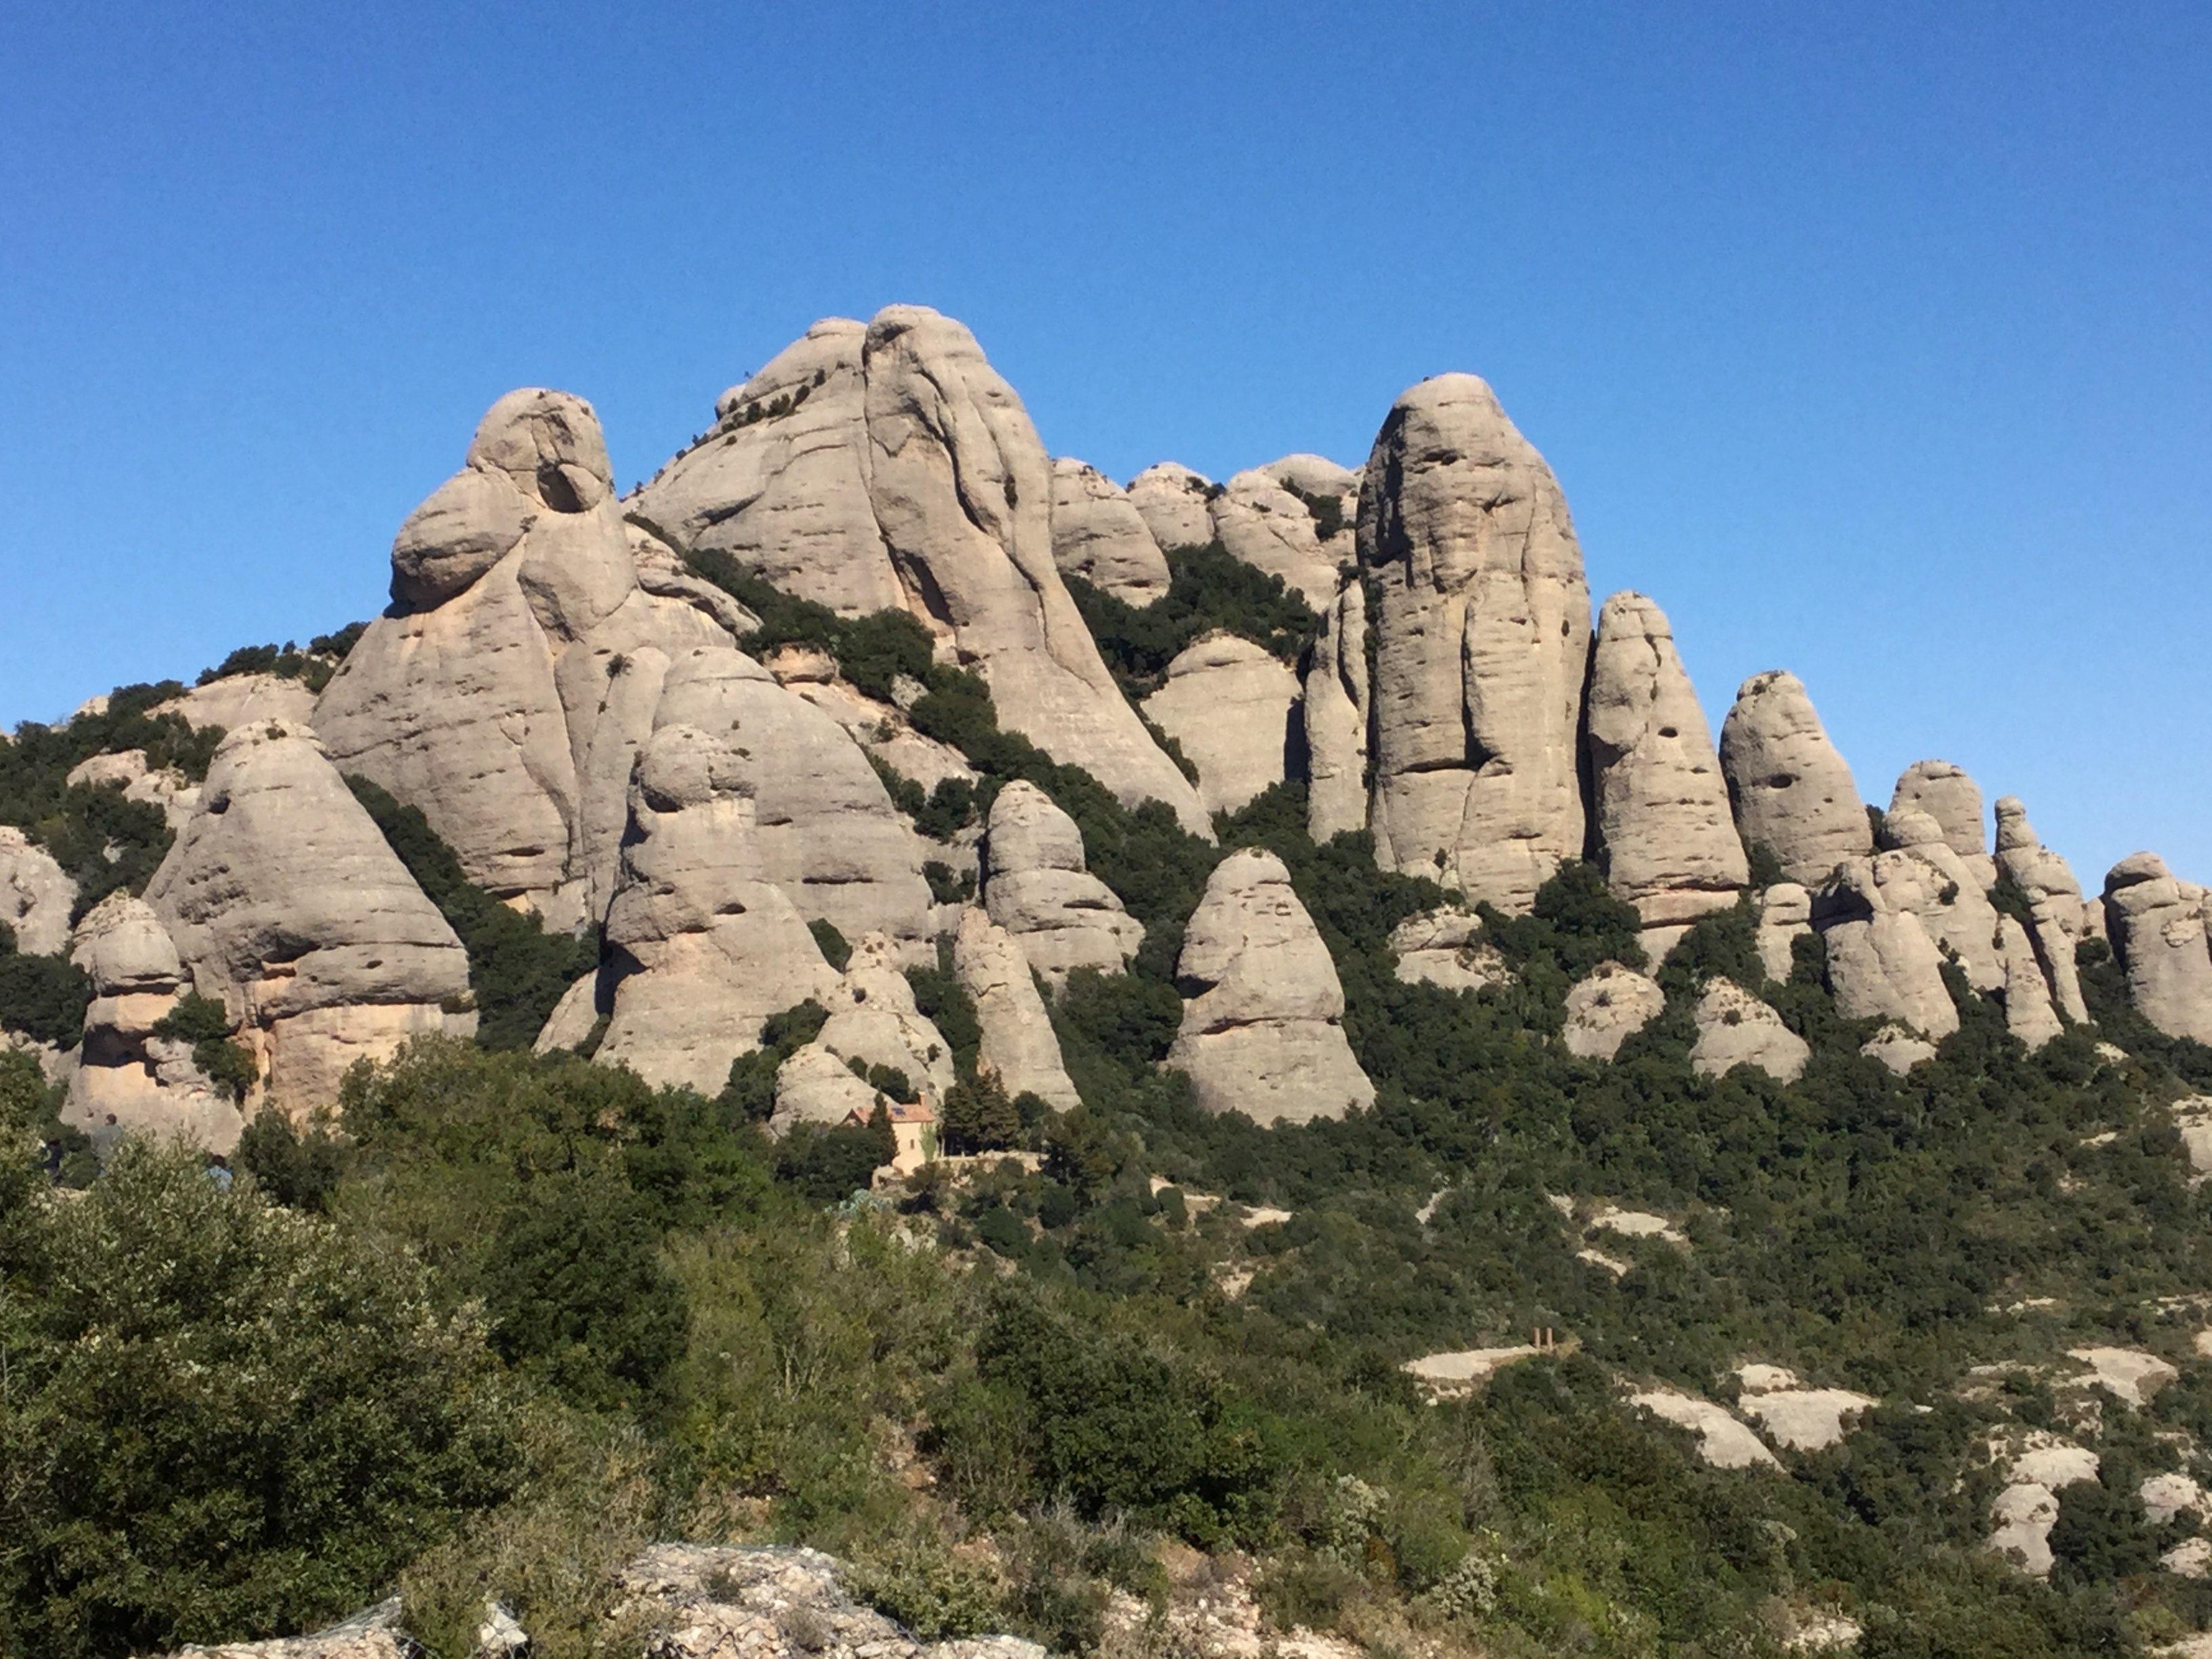 Montserrat rock structures - Photo by Julie Dodd